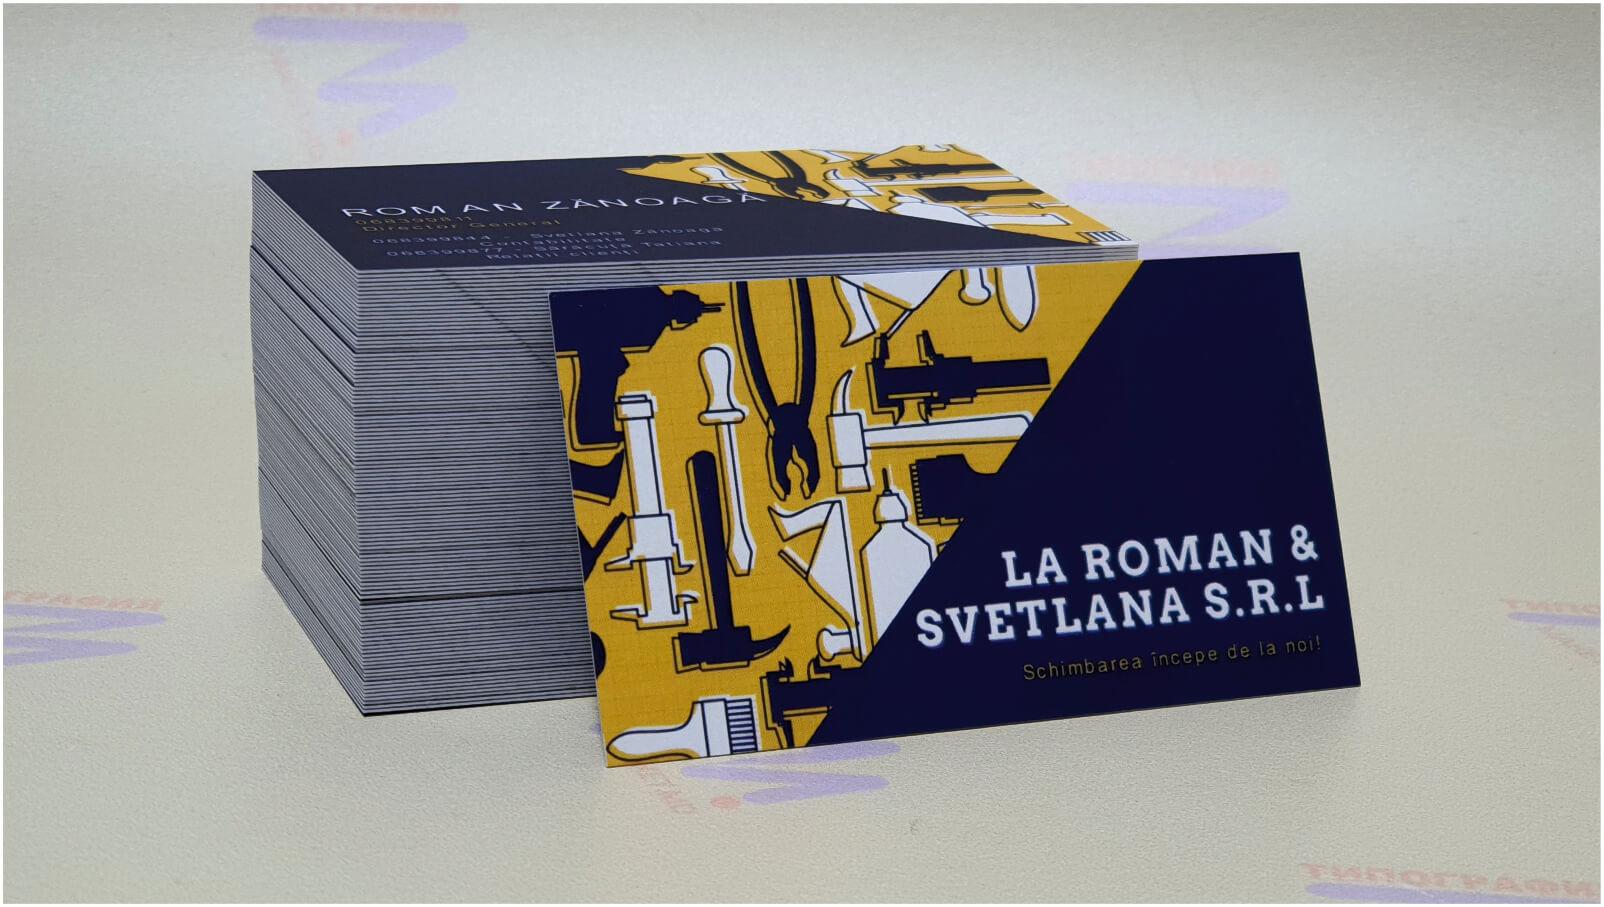 печать и производство визиток синий желтый дизайн фото 18